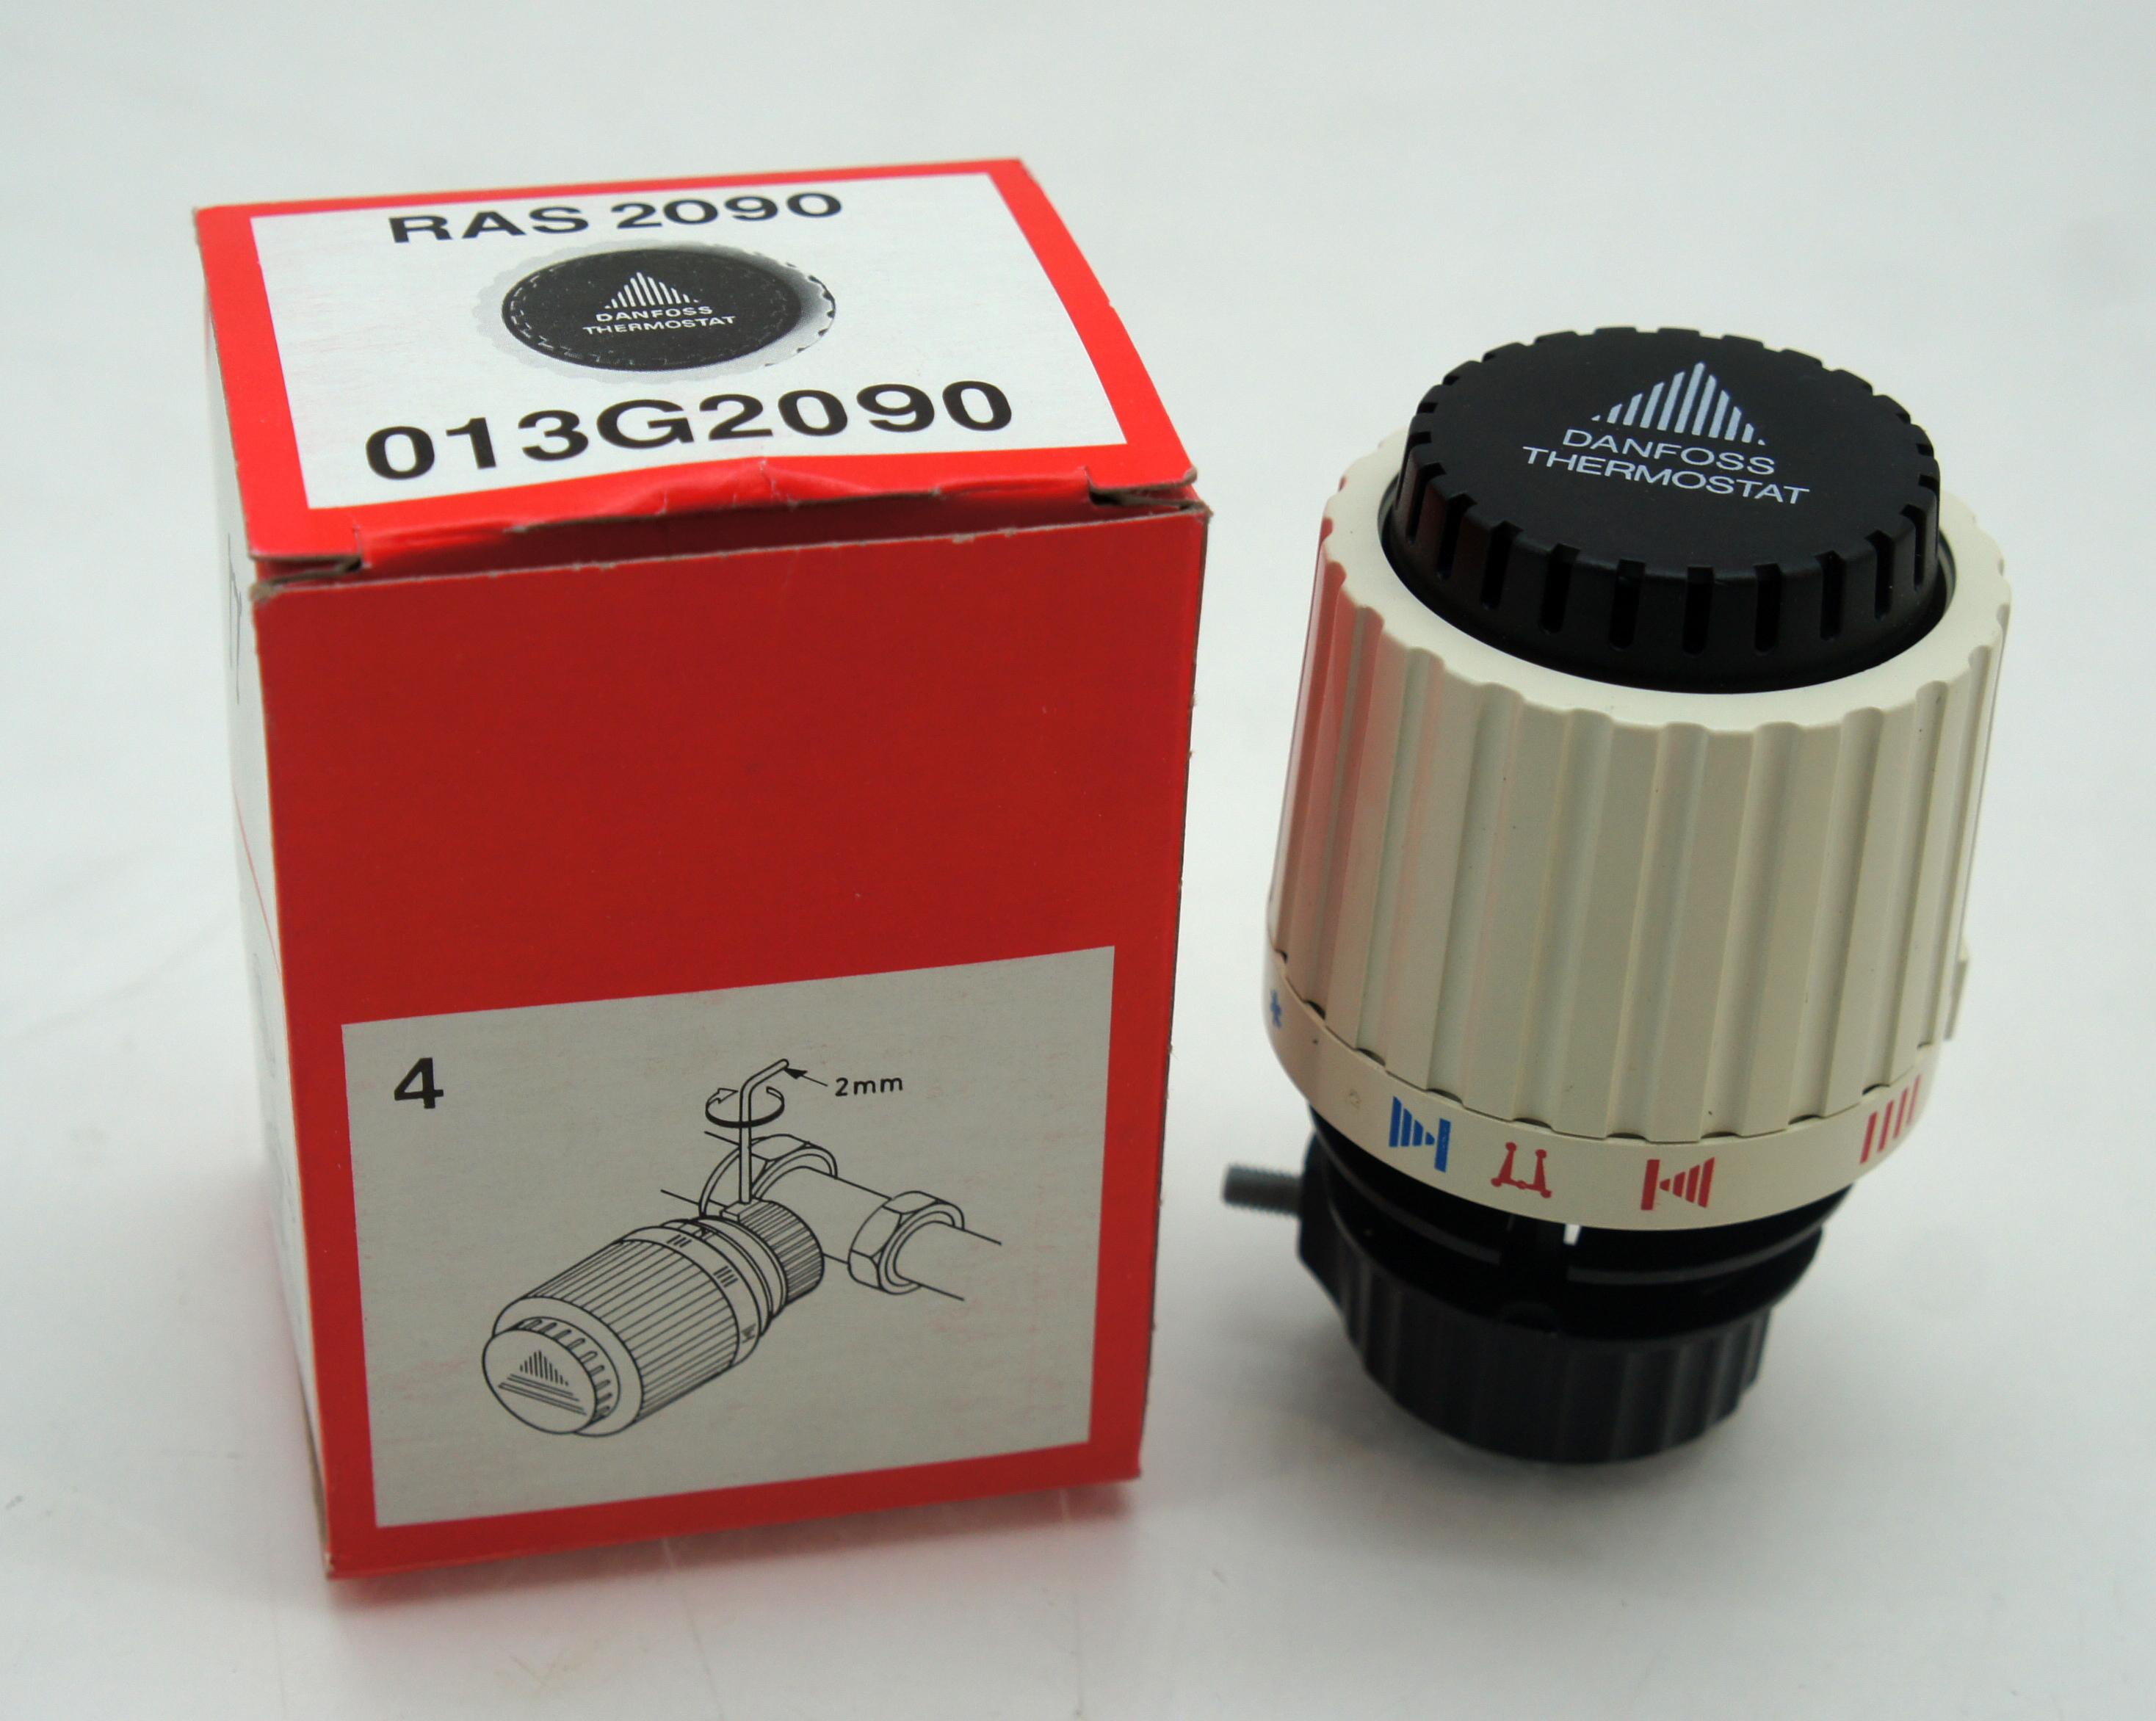 danfoss thermostatkopf 23 mm mit inbusschraube ras 2090 neu ovp ebay. Black Bedroom Furniture Sets. Home Design Ideas